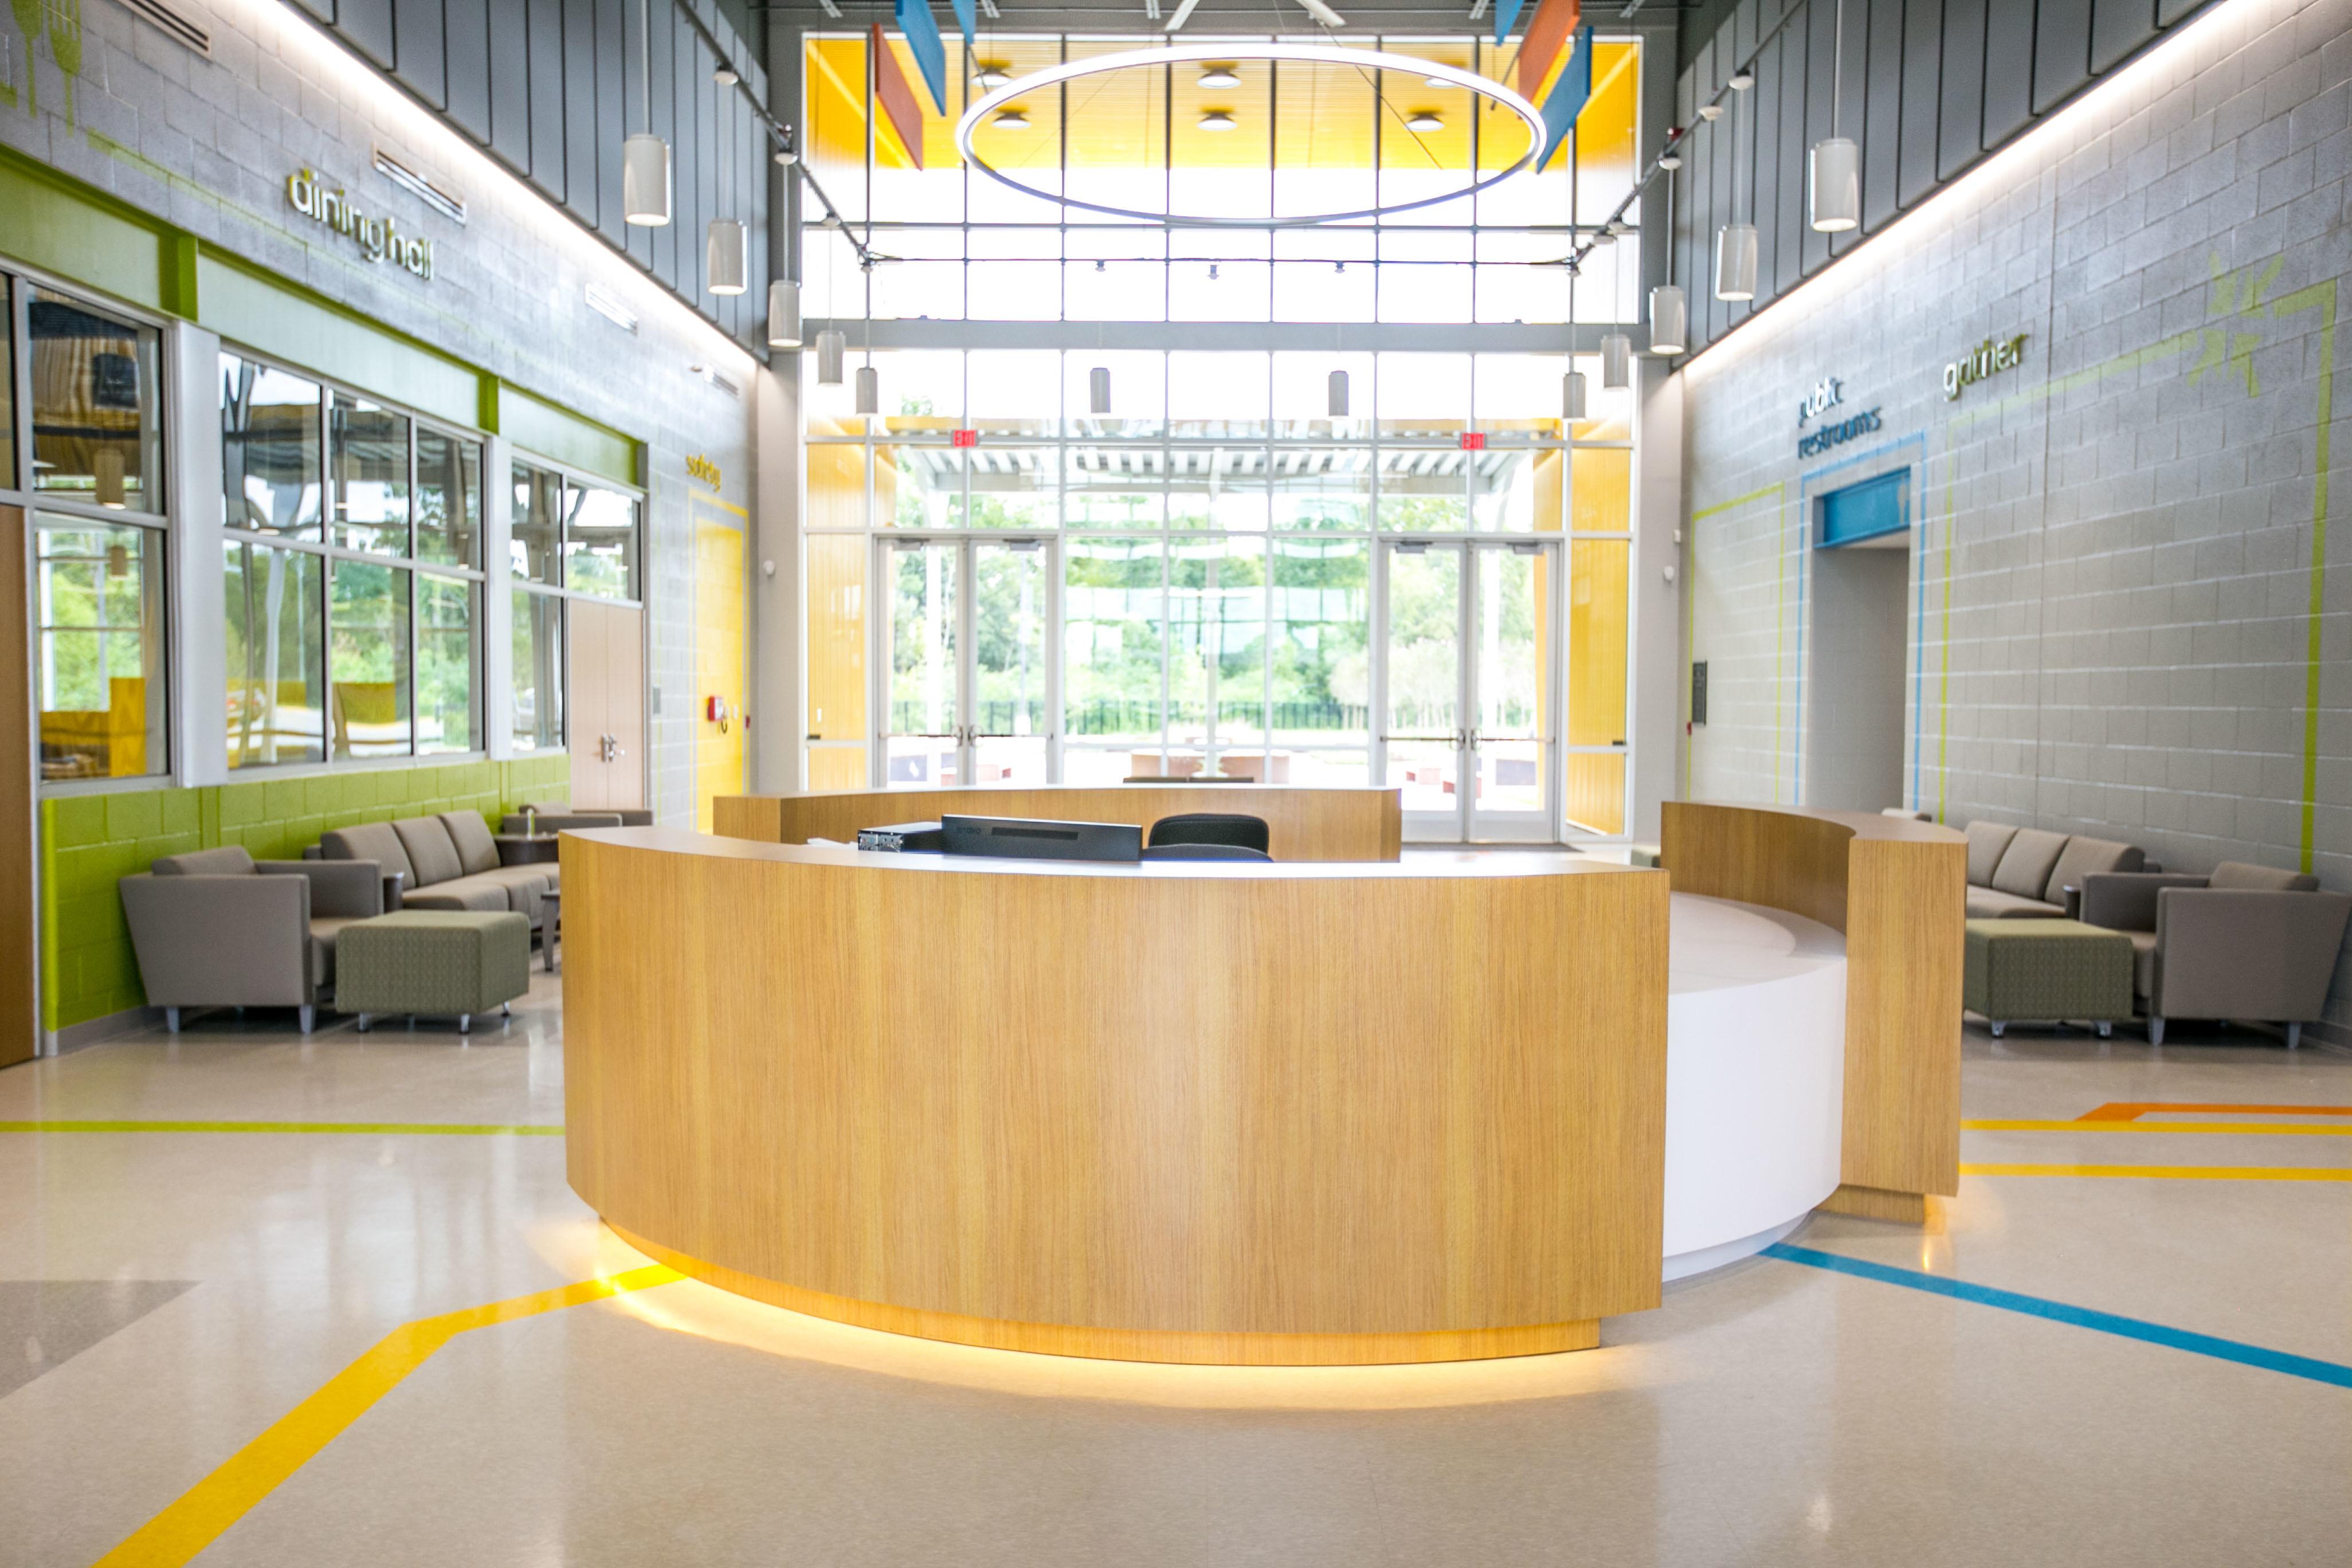 Gator Millworks EBR Career Center Lobby Reception Desk